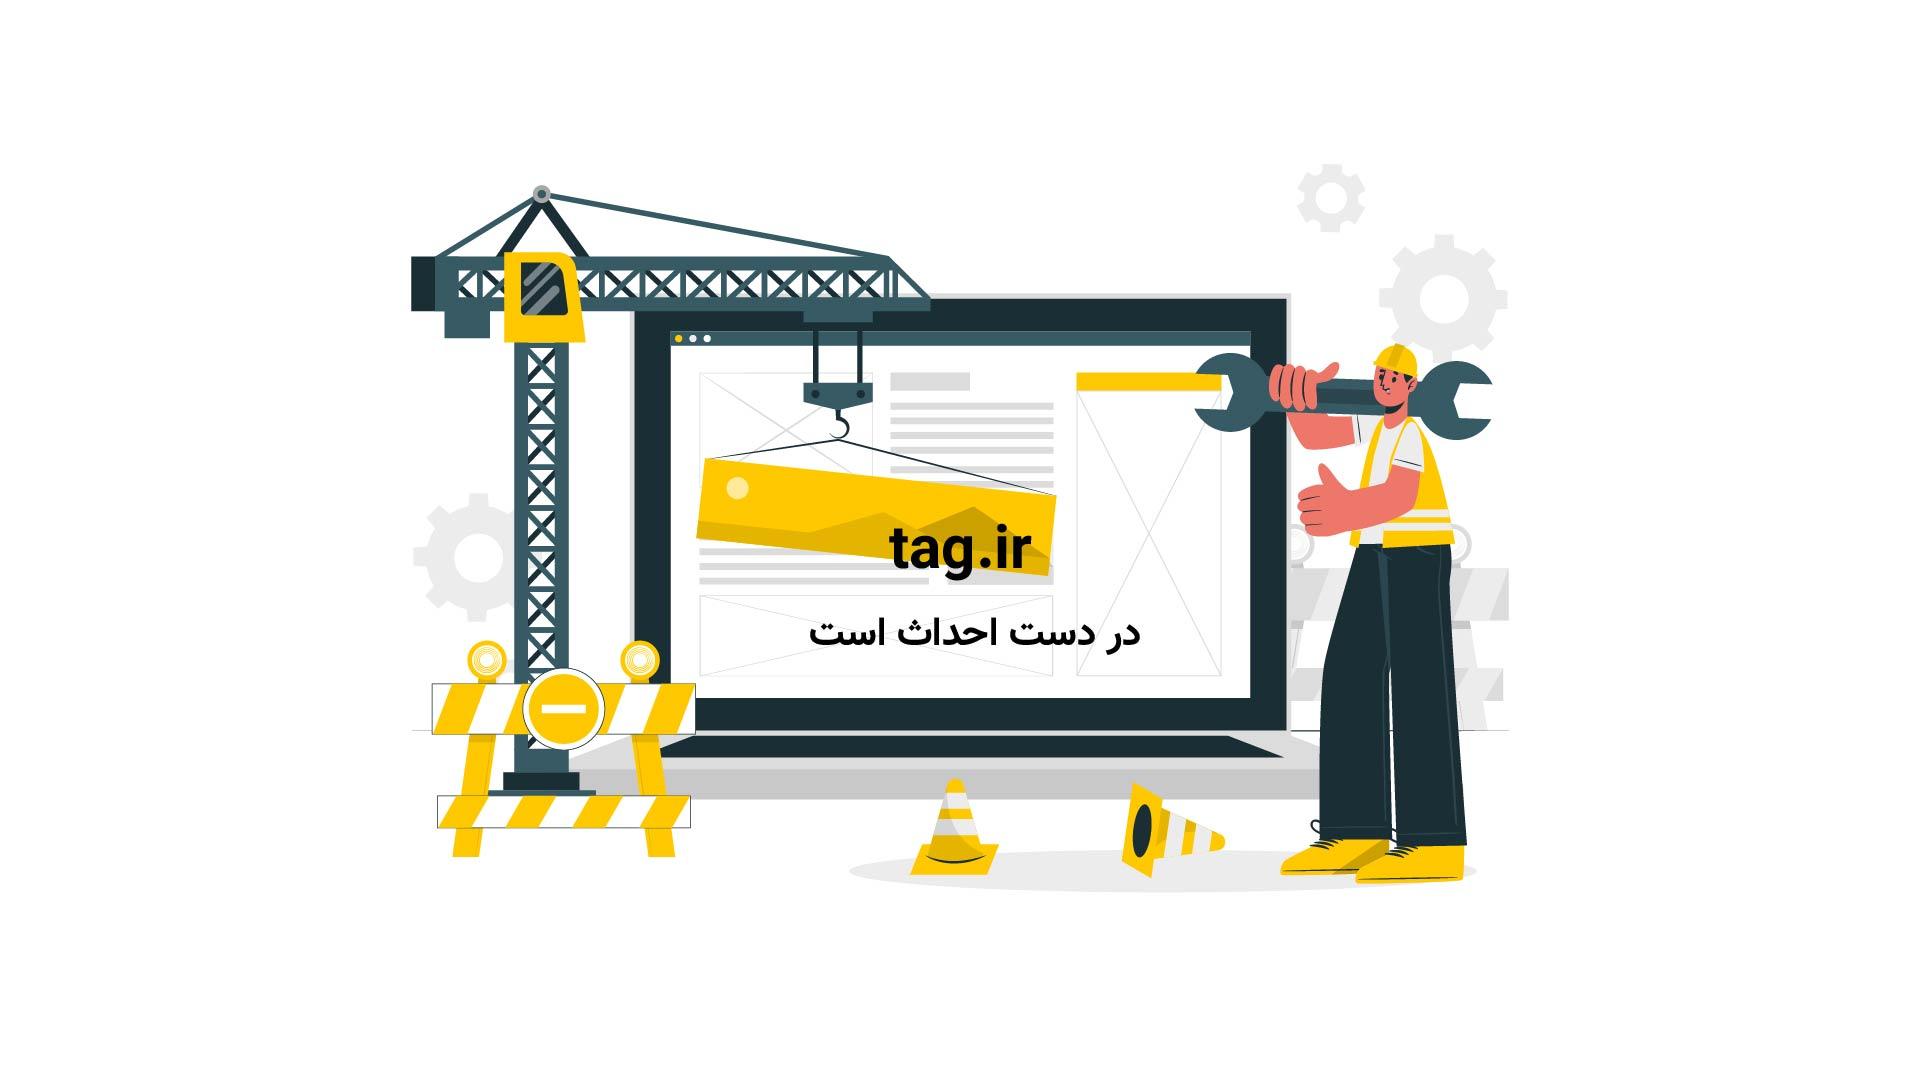 عناوین روزنامههای صبح سهشنبه 16 آذر | فیلم